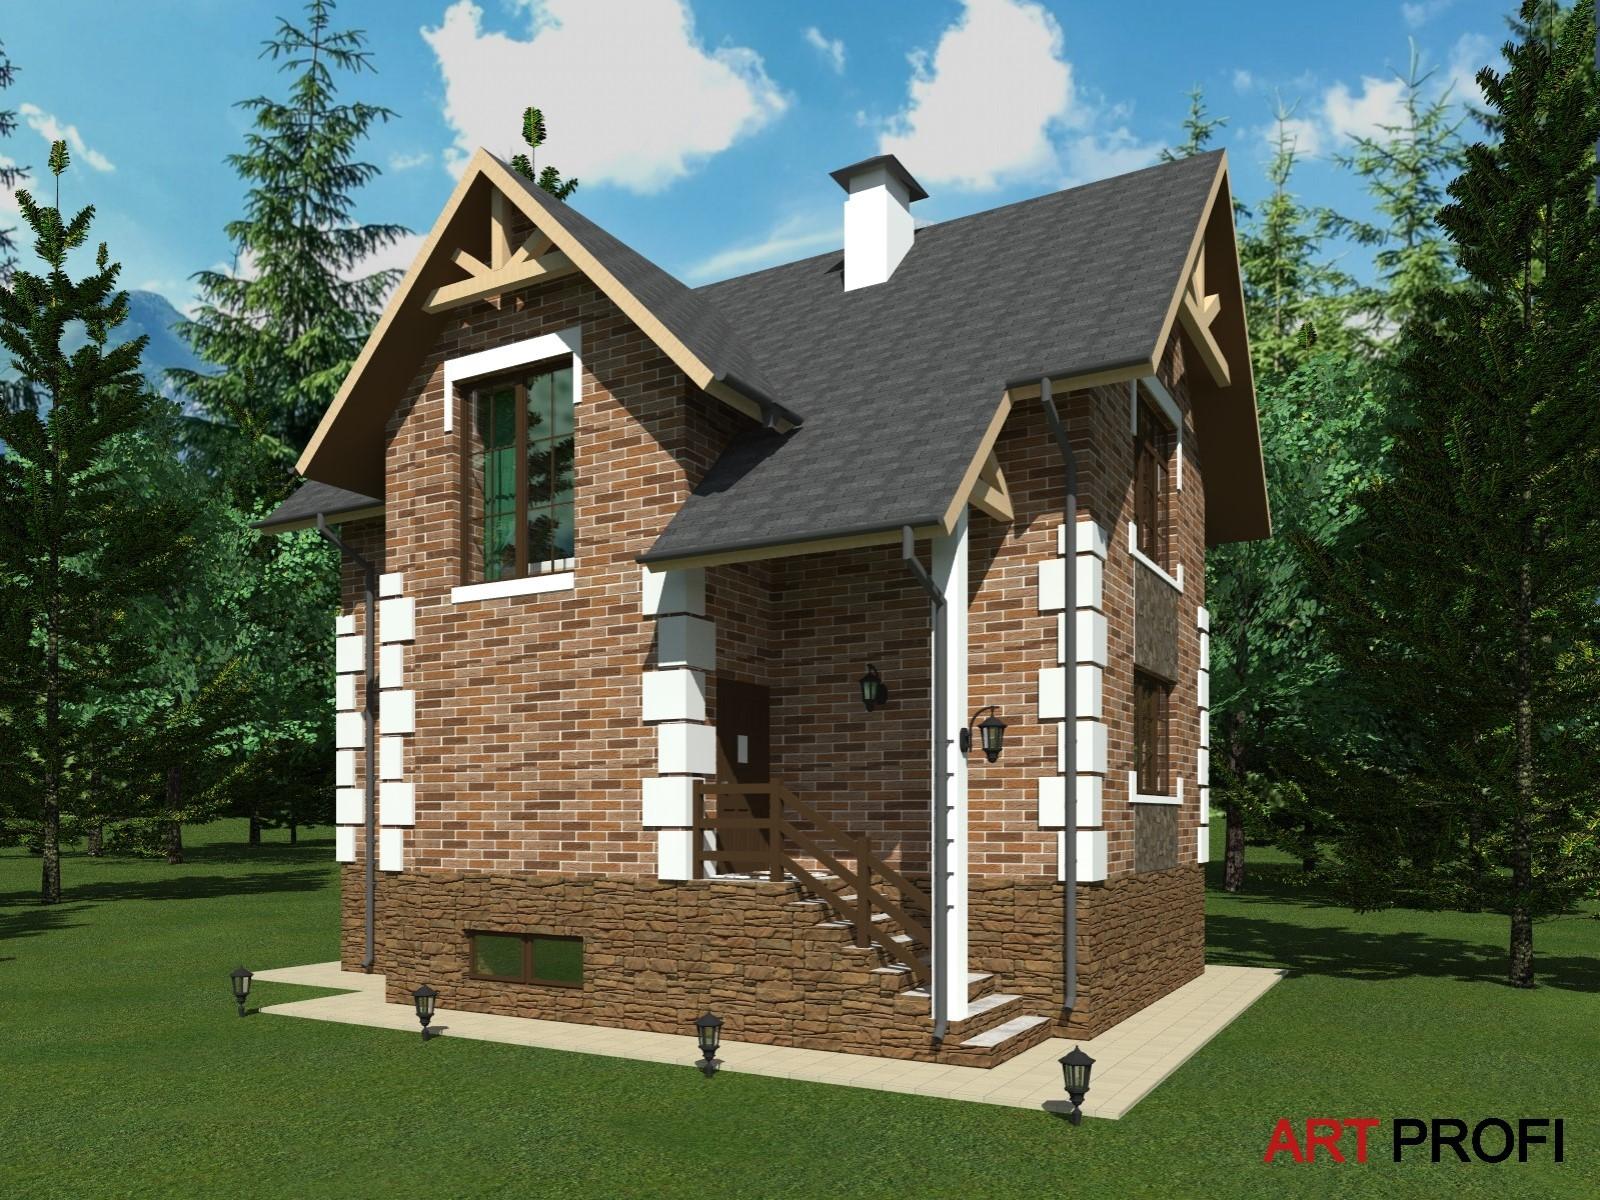 Проекты домов и коттеджей. Уютный двухэтажный дом.